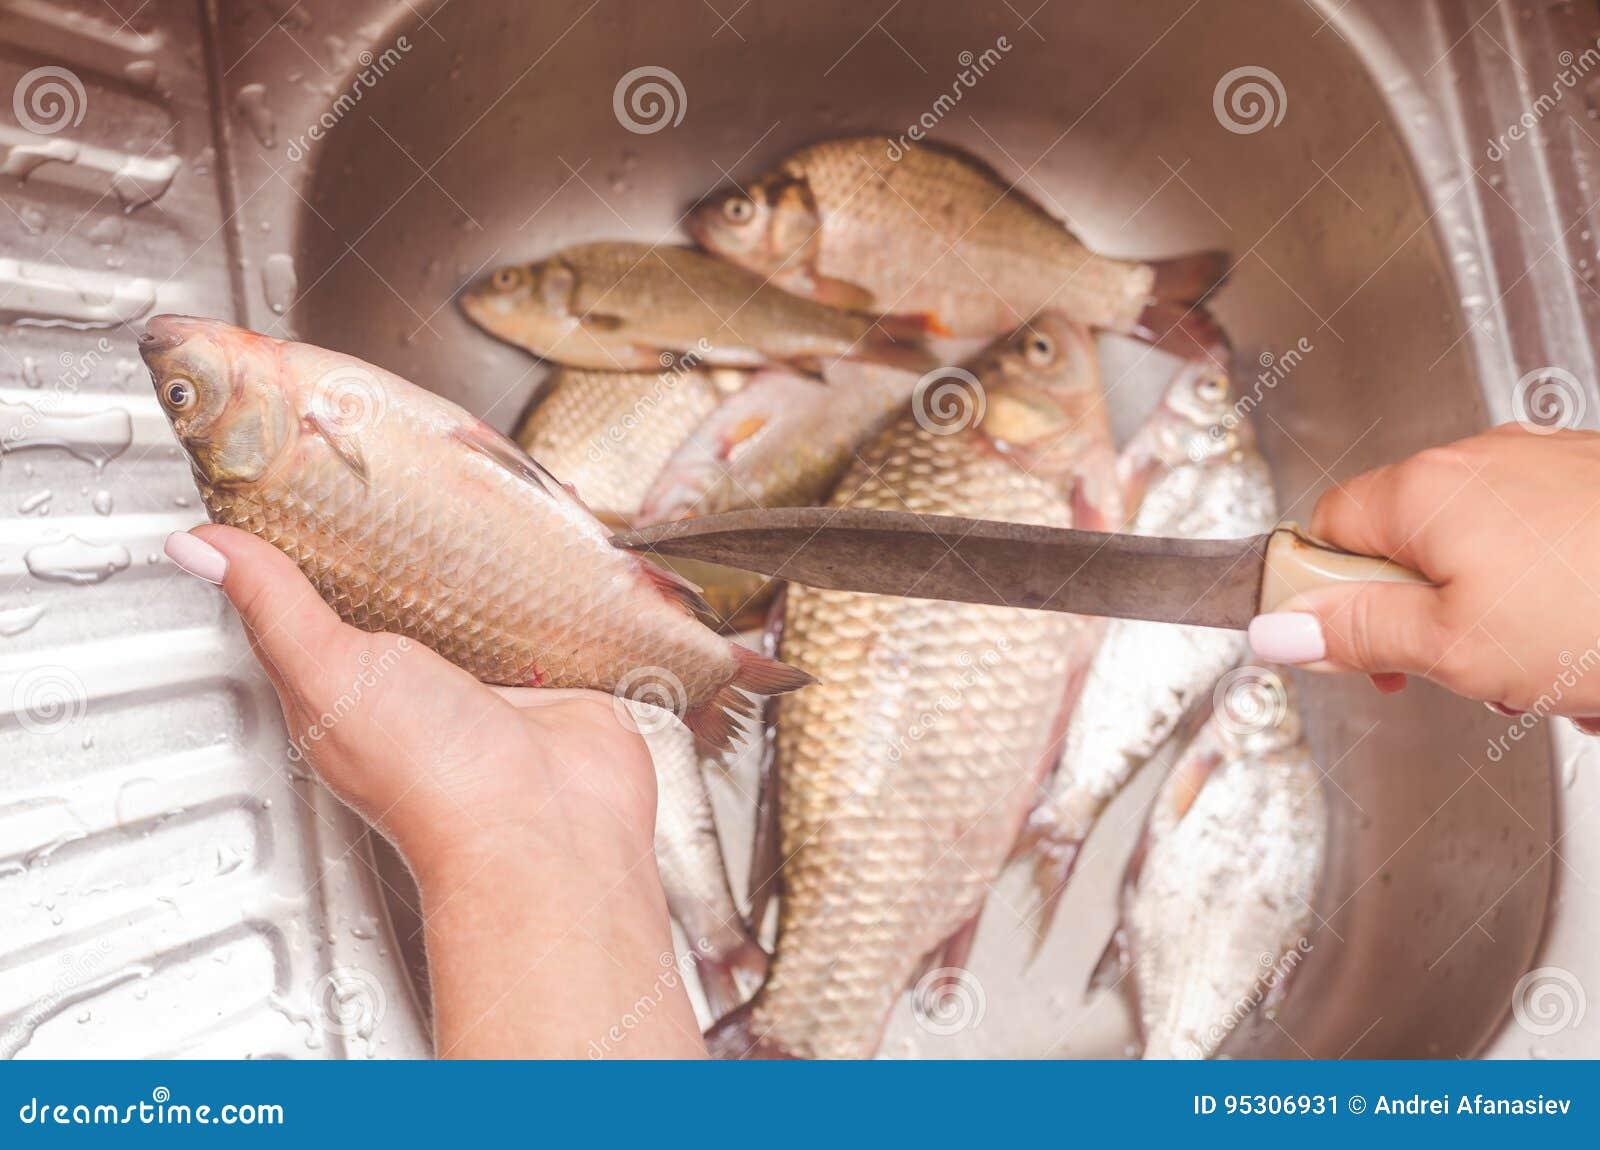 Destripamiento Y Limpieza De Pescados Sobre El Fregadero Imagen de ...